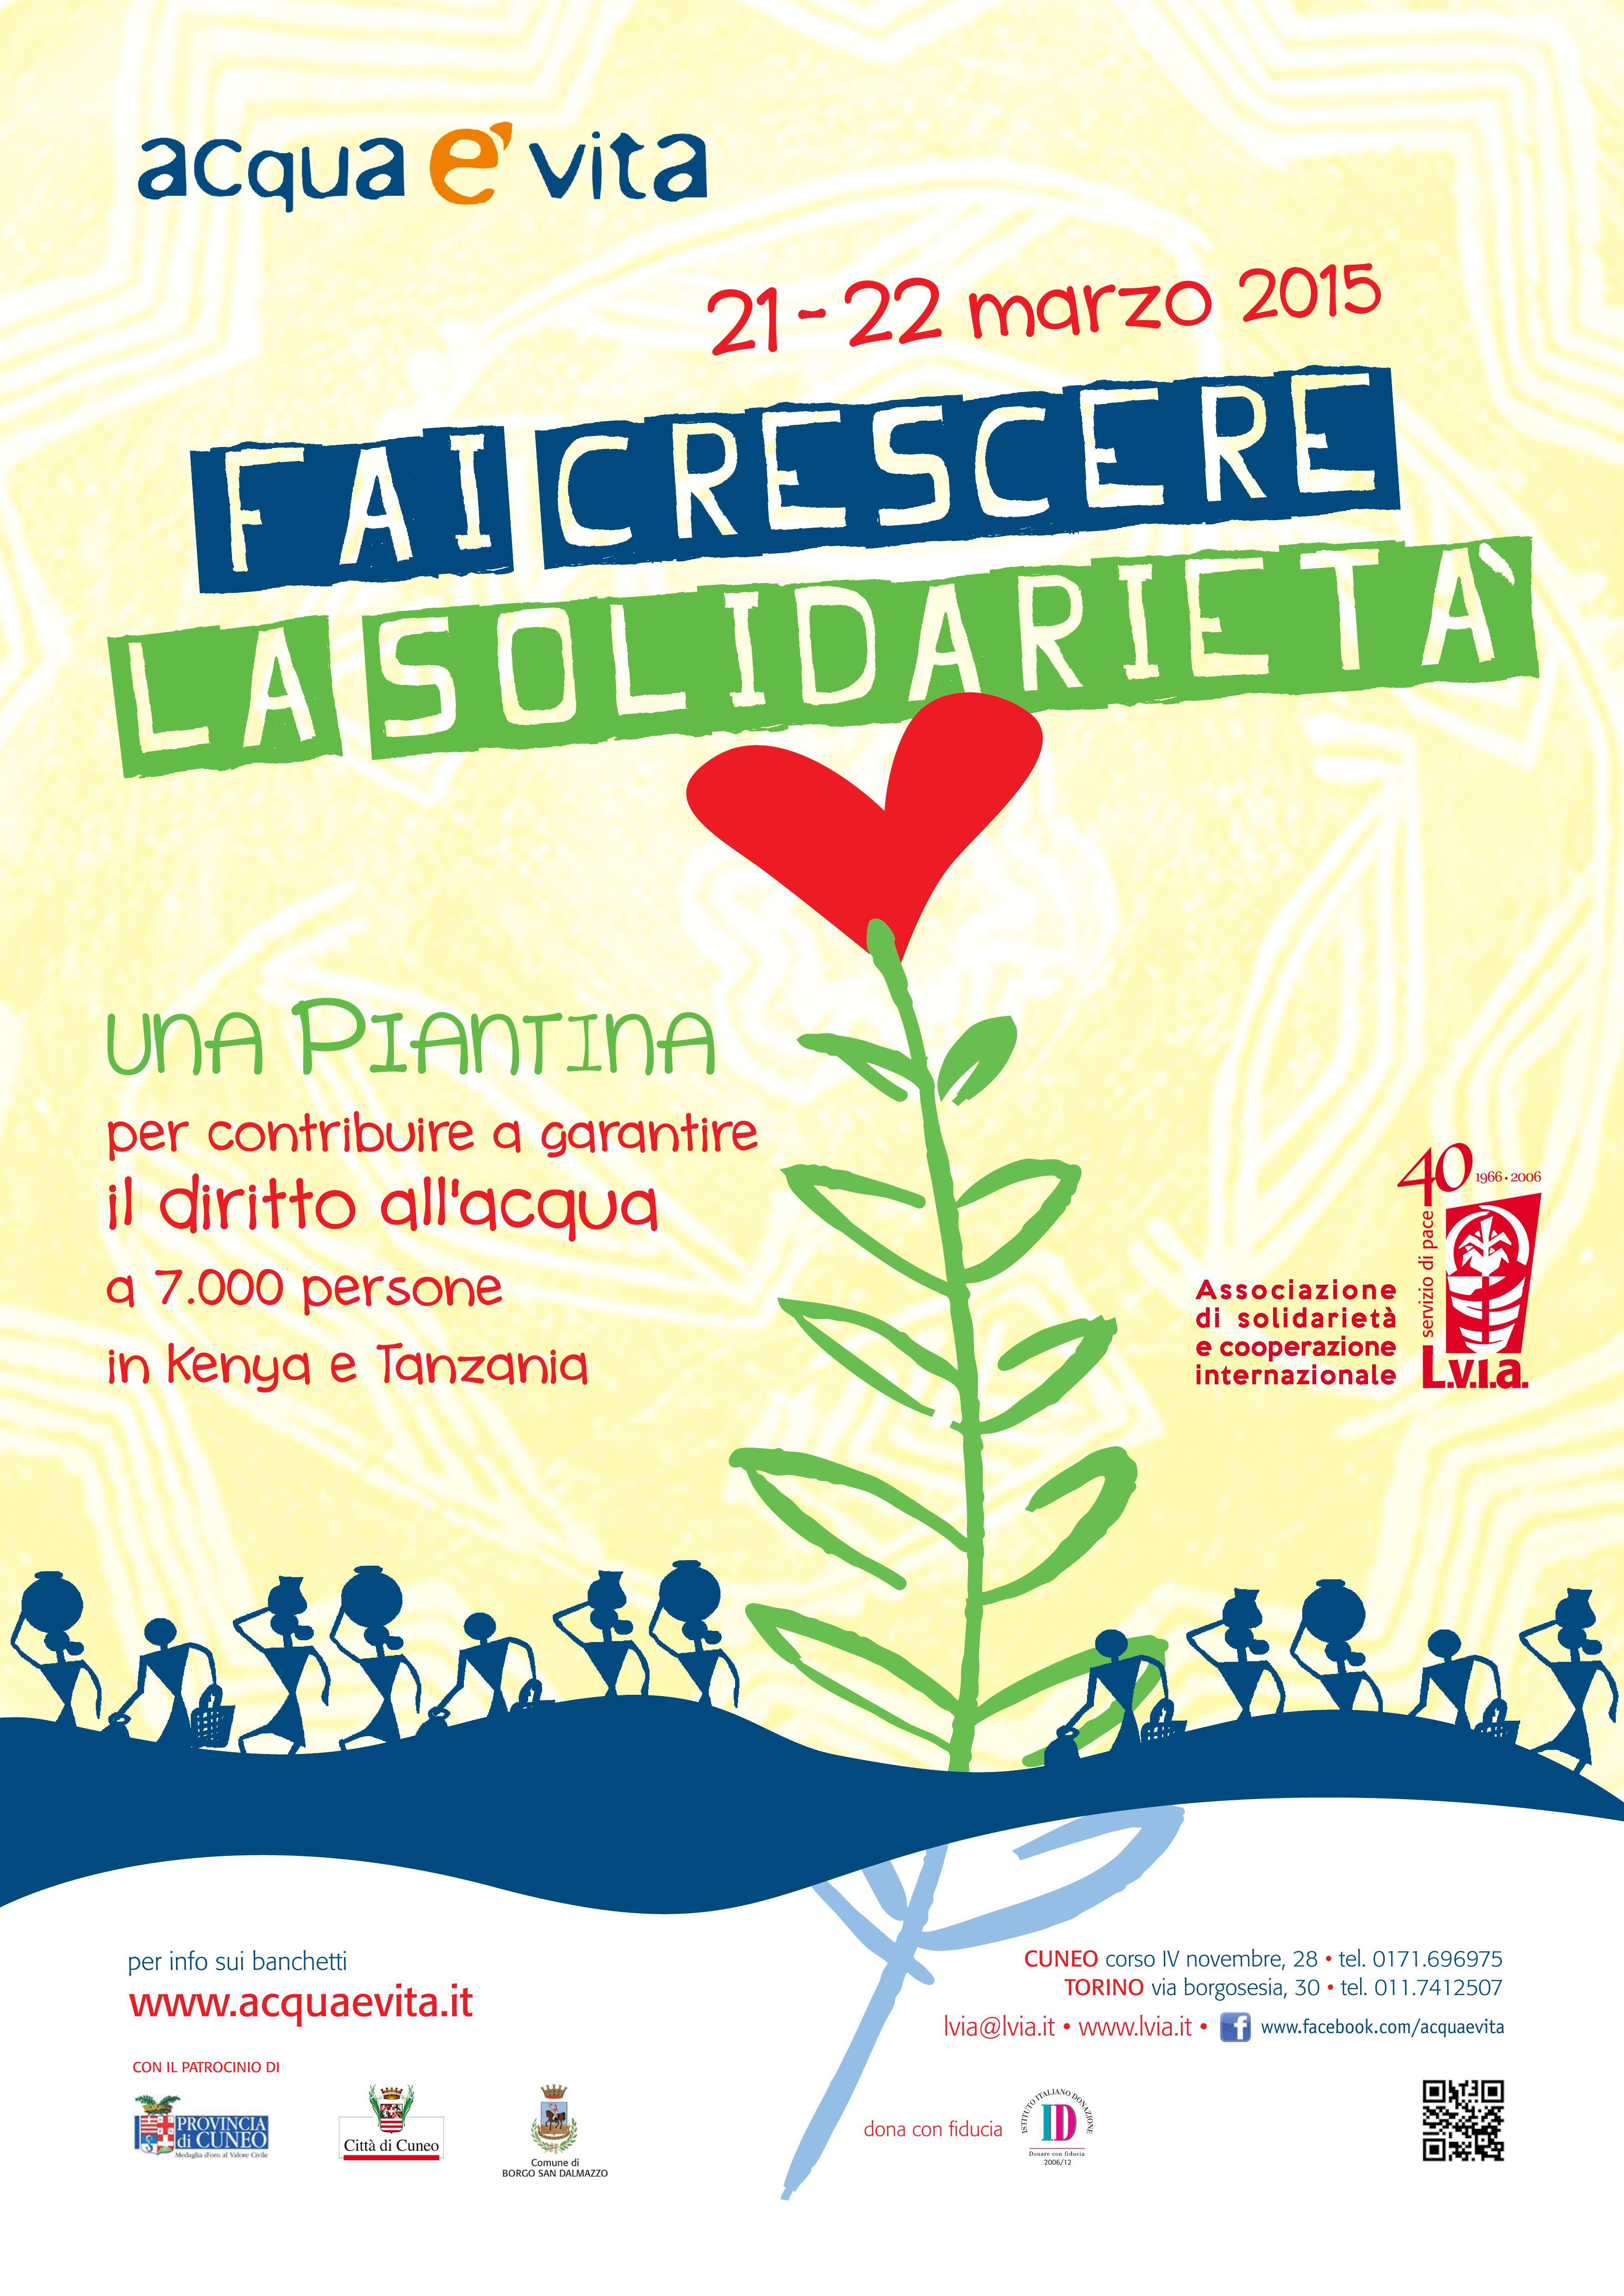 """Torino. Giornata Mondiale dell'Acqua 2015: """"Fai crescere la solidarietà"""" con LVIA"""